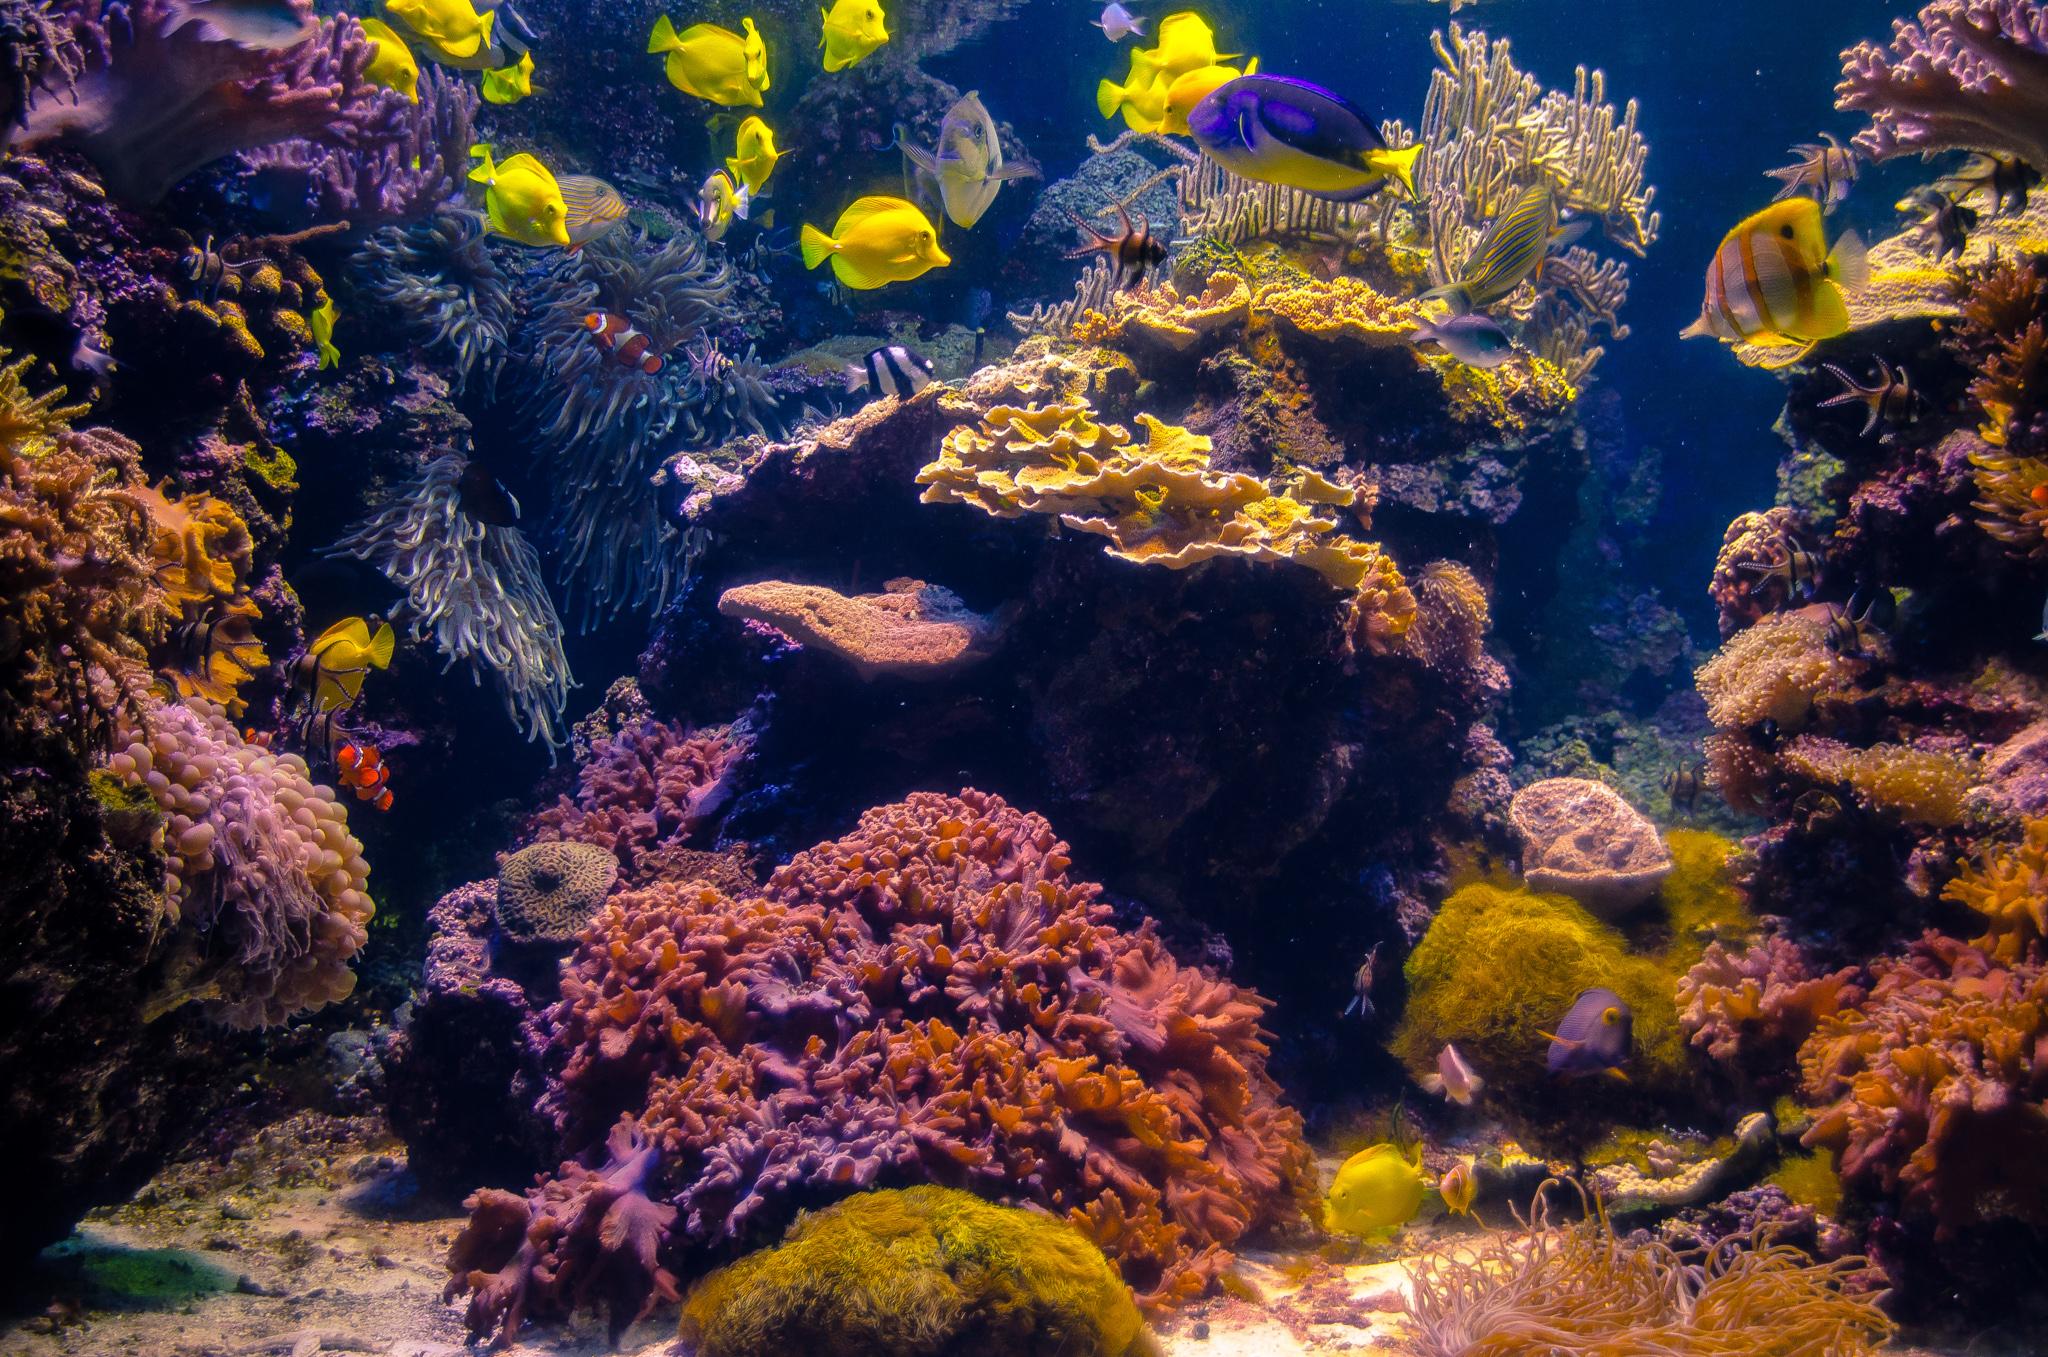 2016-03-07 - The National Aquarium - 053